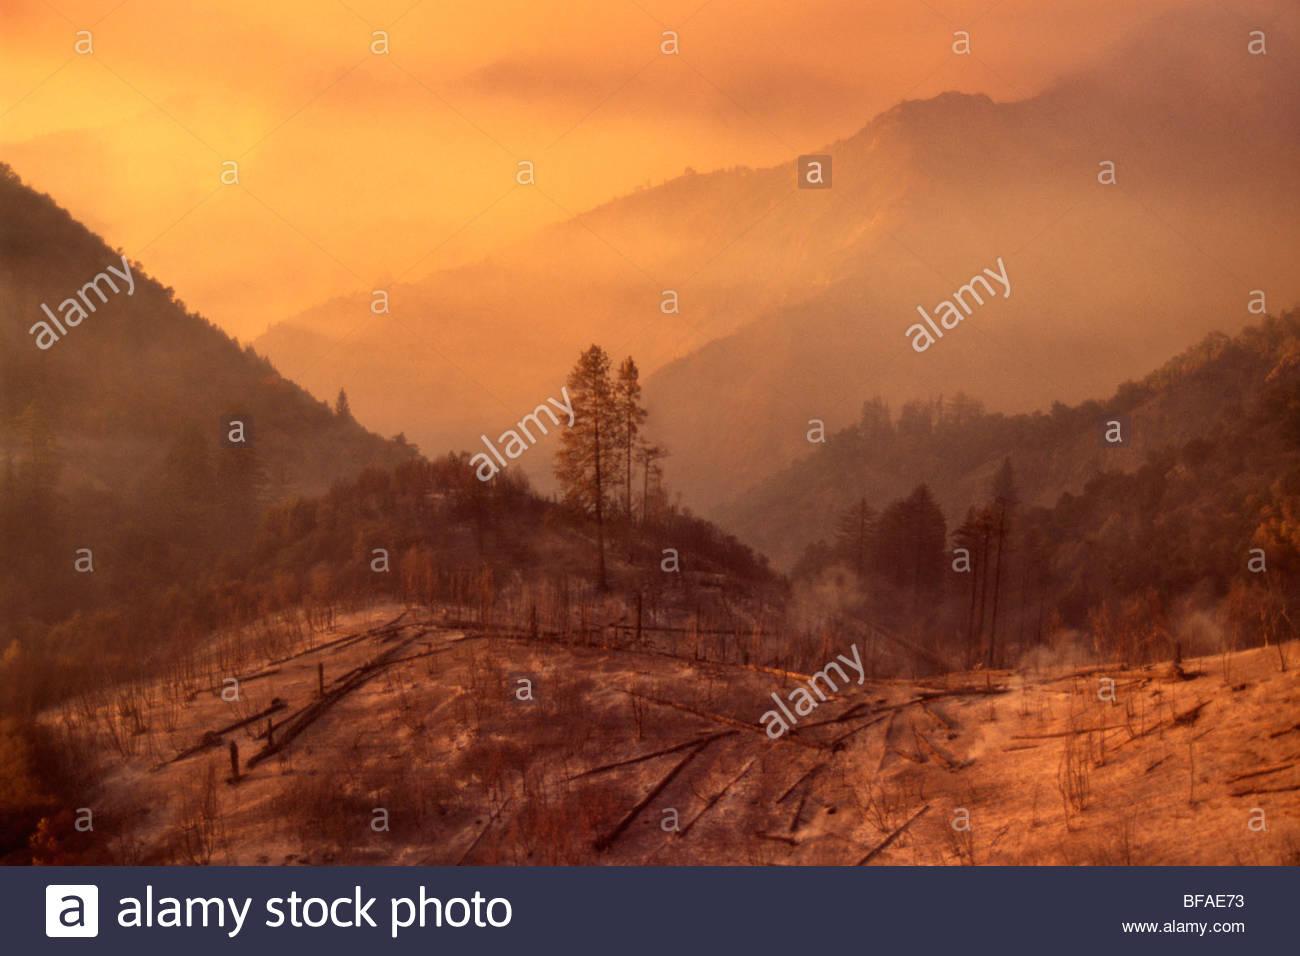 Burned landscape after forest fire, Big Sur, California - Stock Image